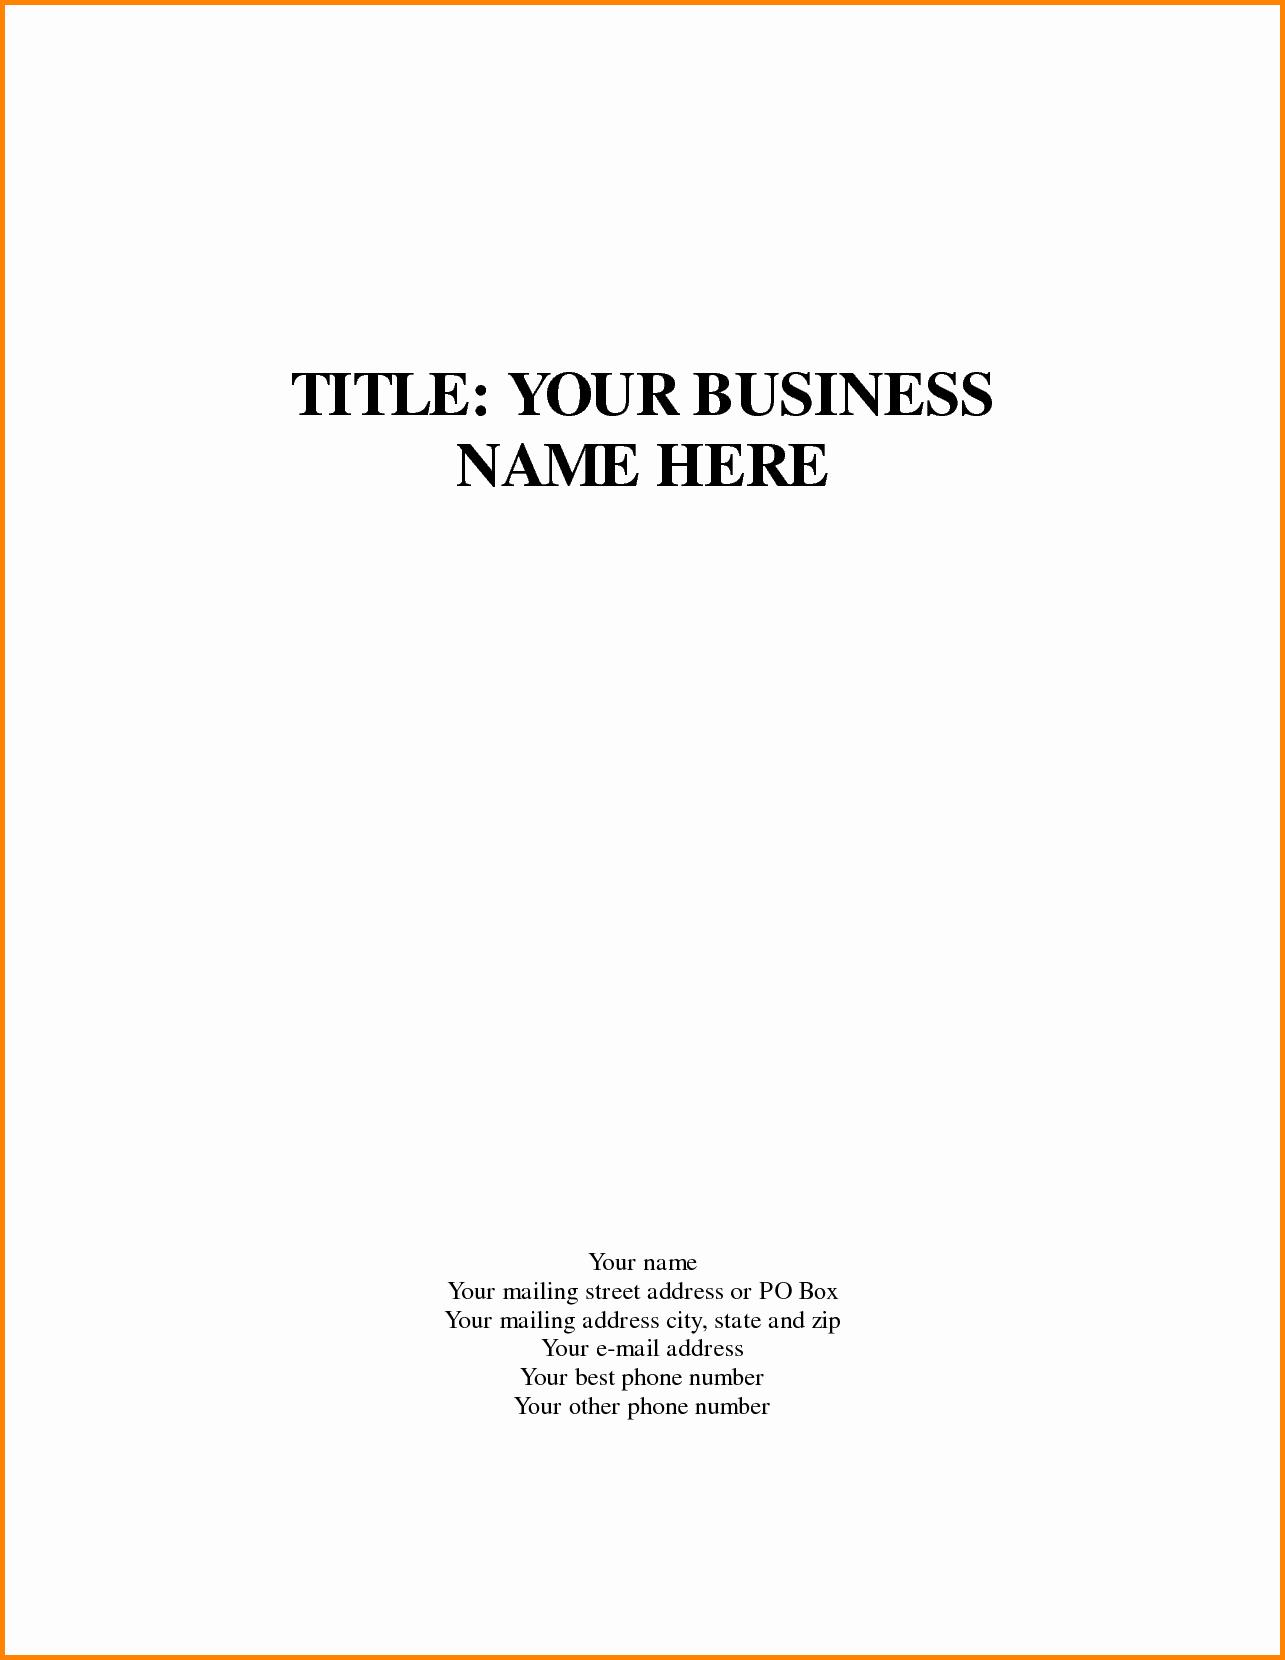 Apa Style Title Page Template Beautiful Business Title Page Template Quote Templates Apa Essay